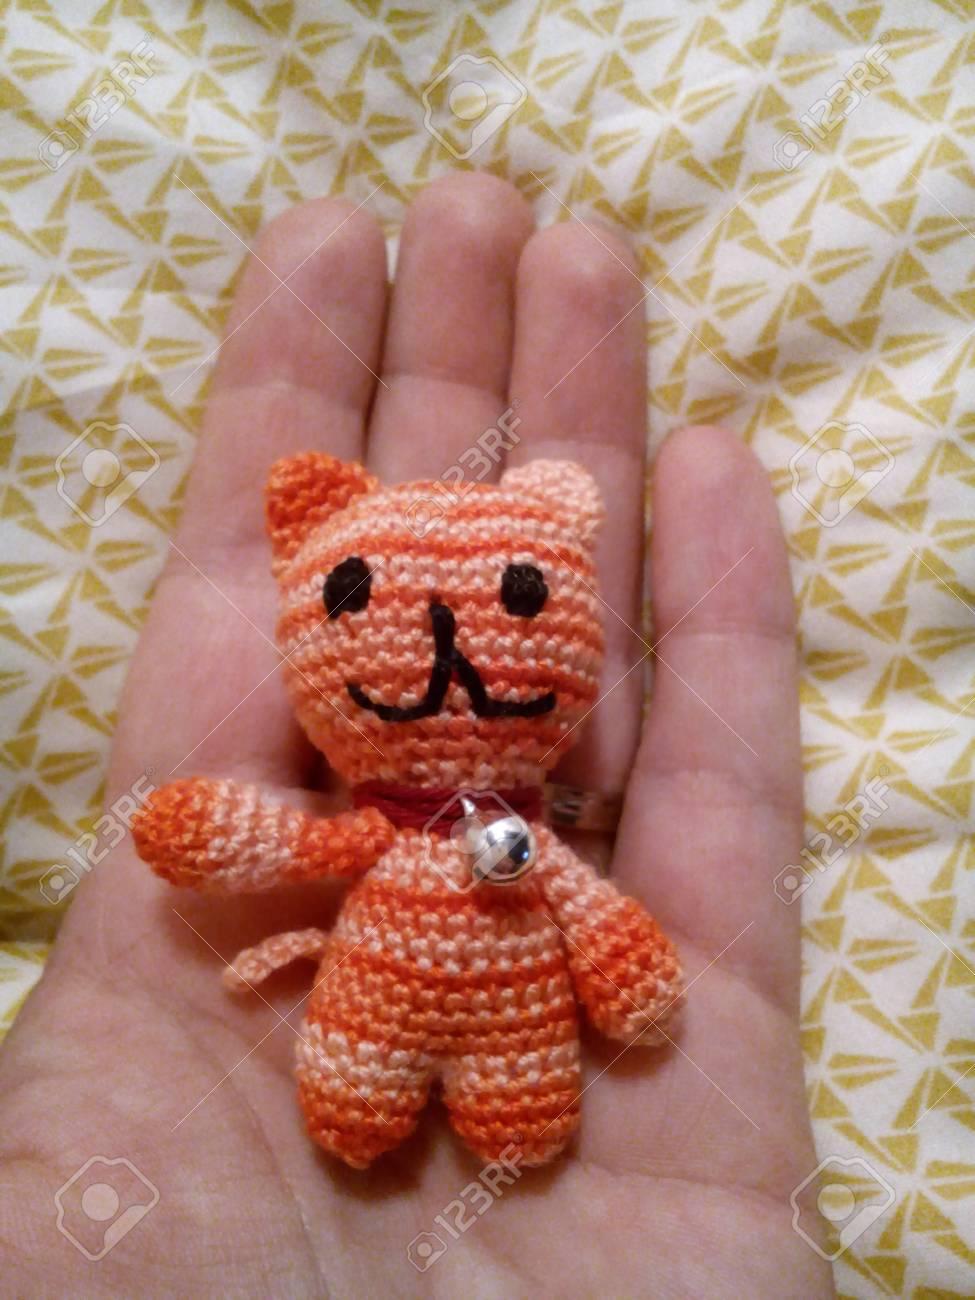 Häkeln Katze Mit Glocke Auf Der Hand Lizenzfreie Fotos Bilder Und